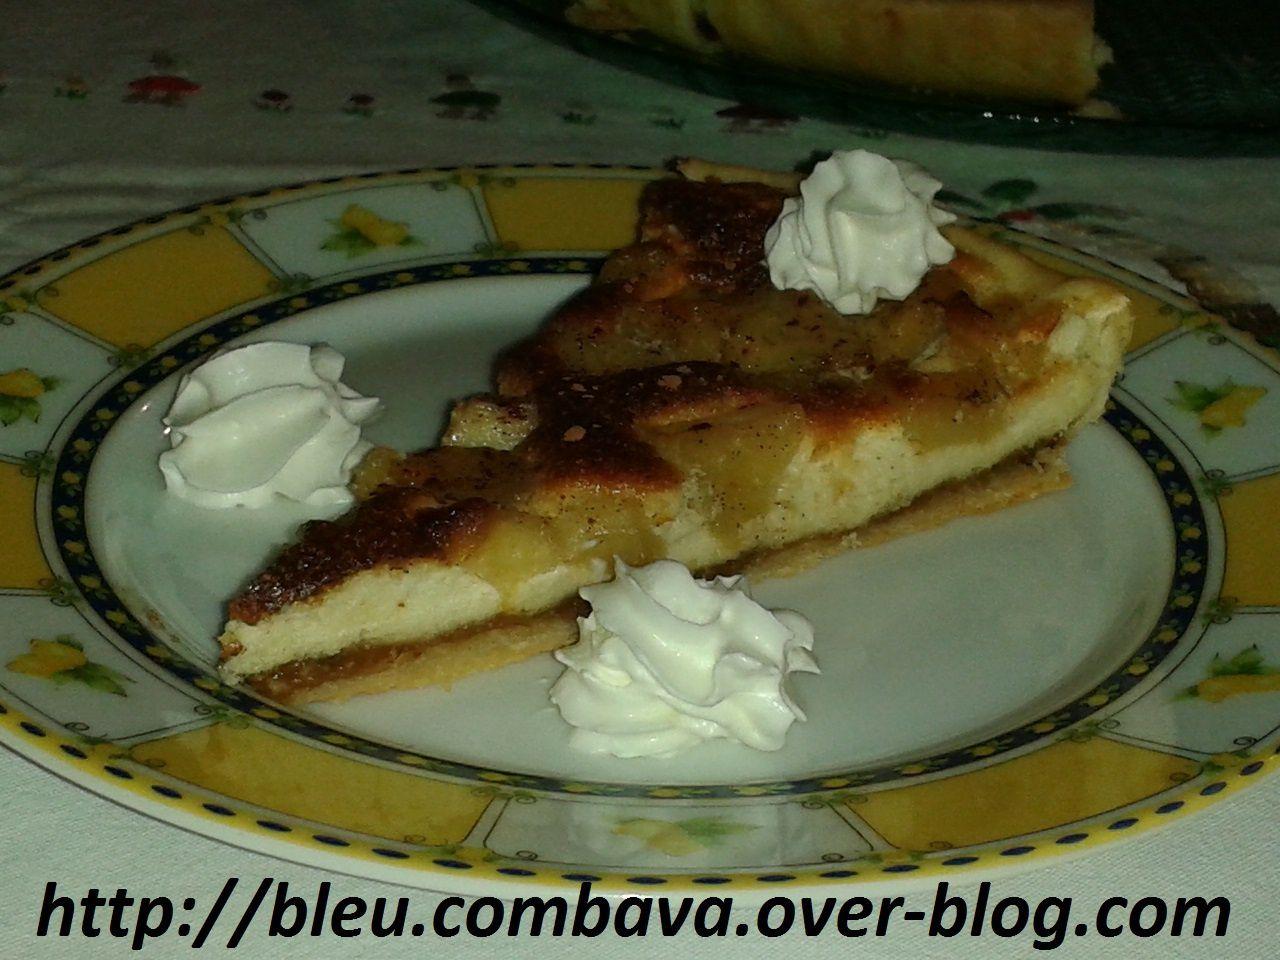 Tarte Soufflée aux Pommes Caramélisées à la Vanille Bourbon sur lit de Pâte de Spéculoos